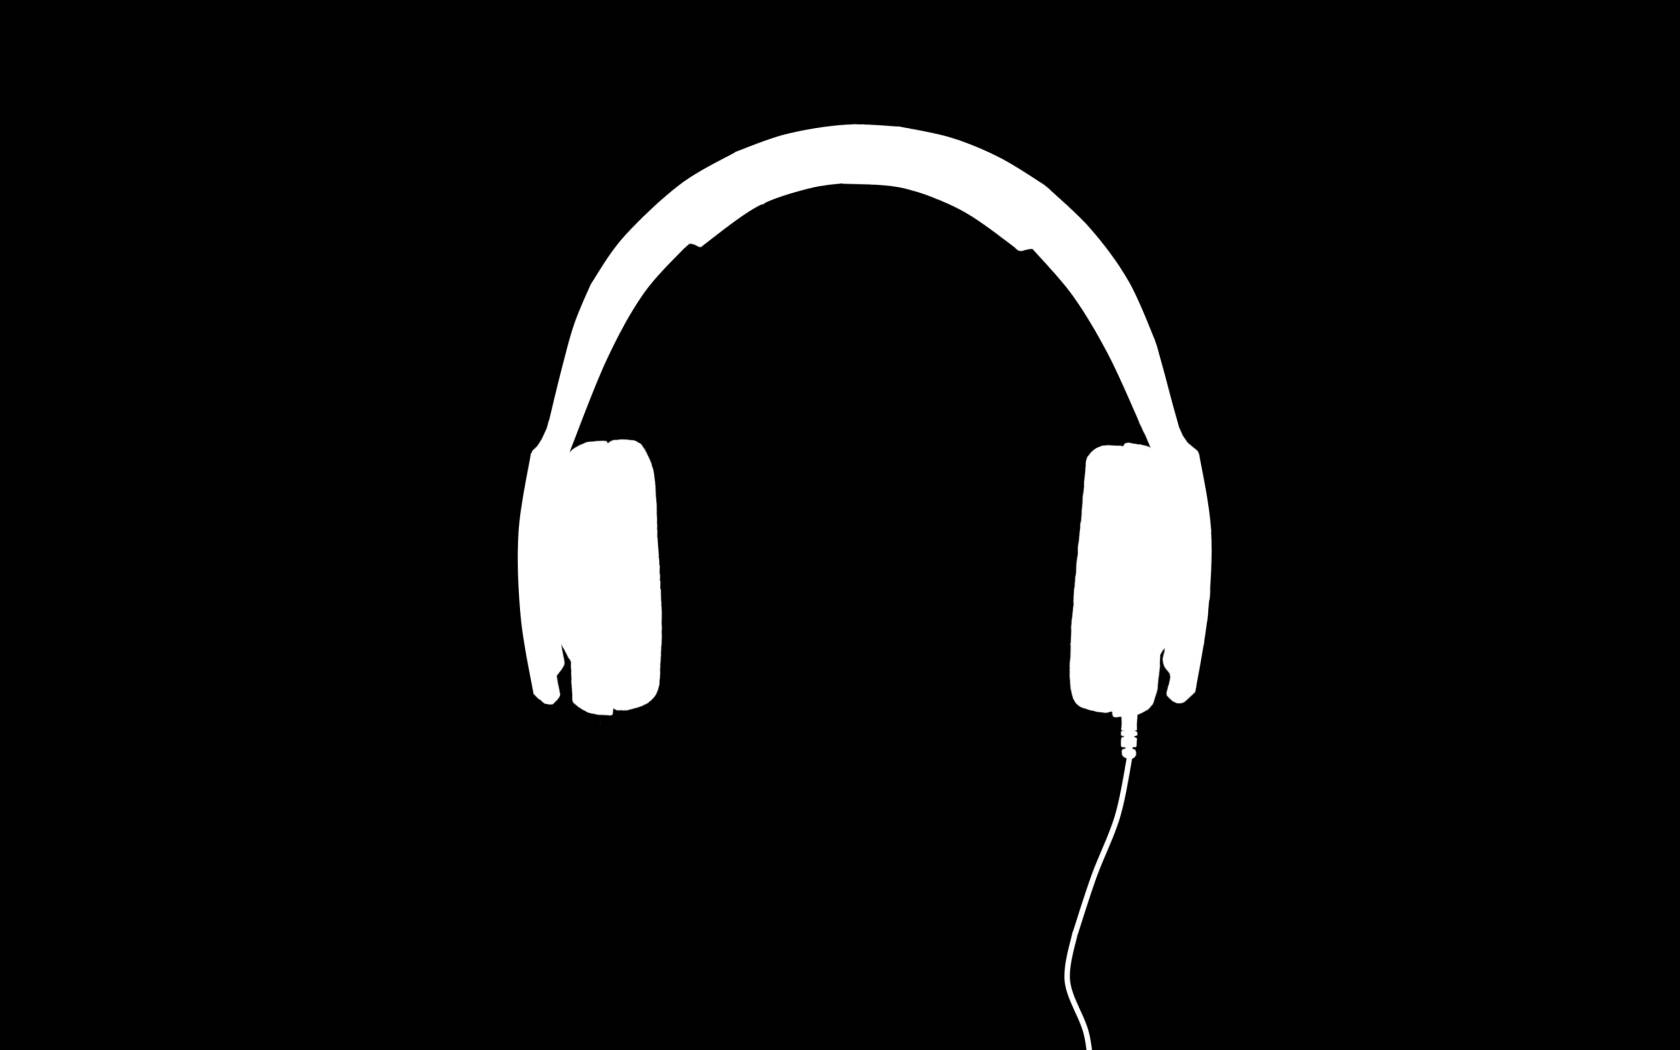 headphones   headphones Picture 1680x1050